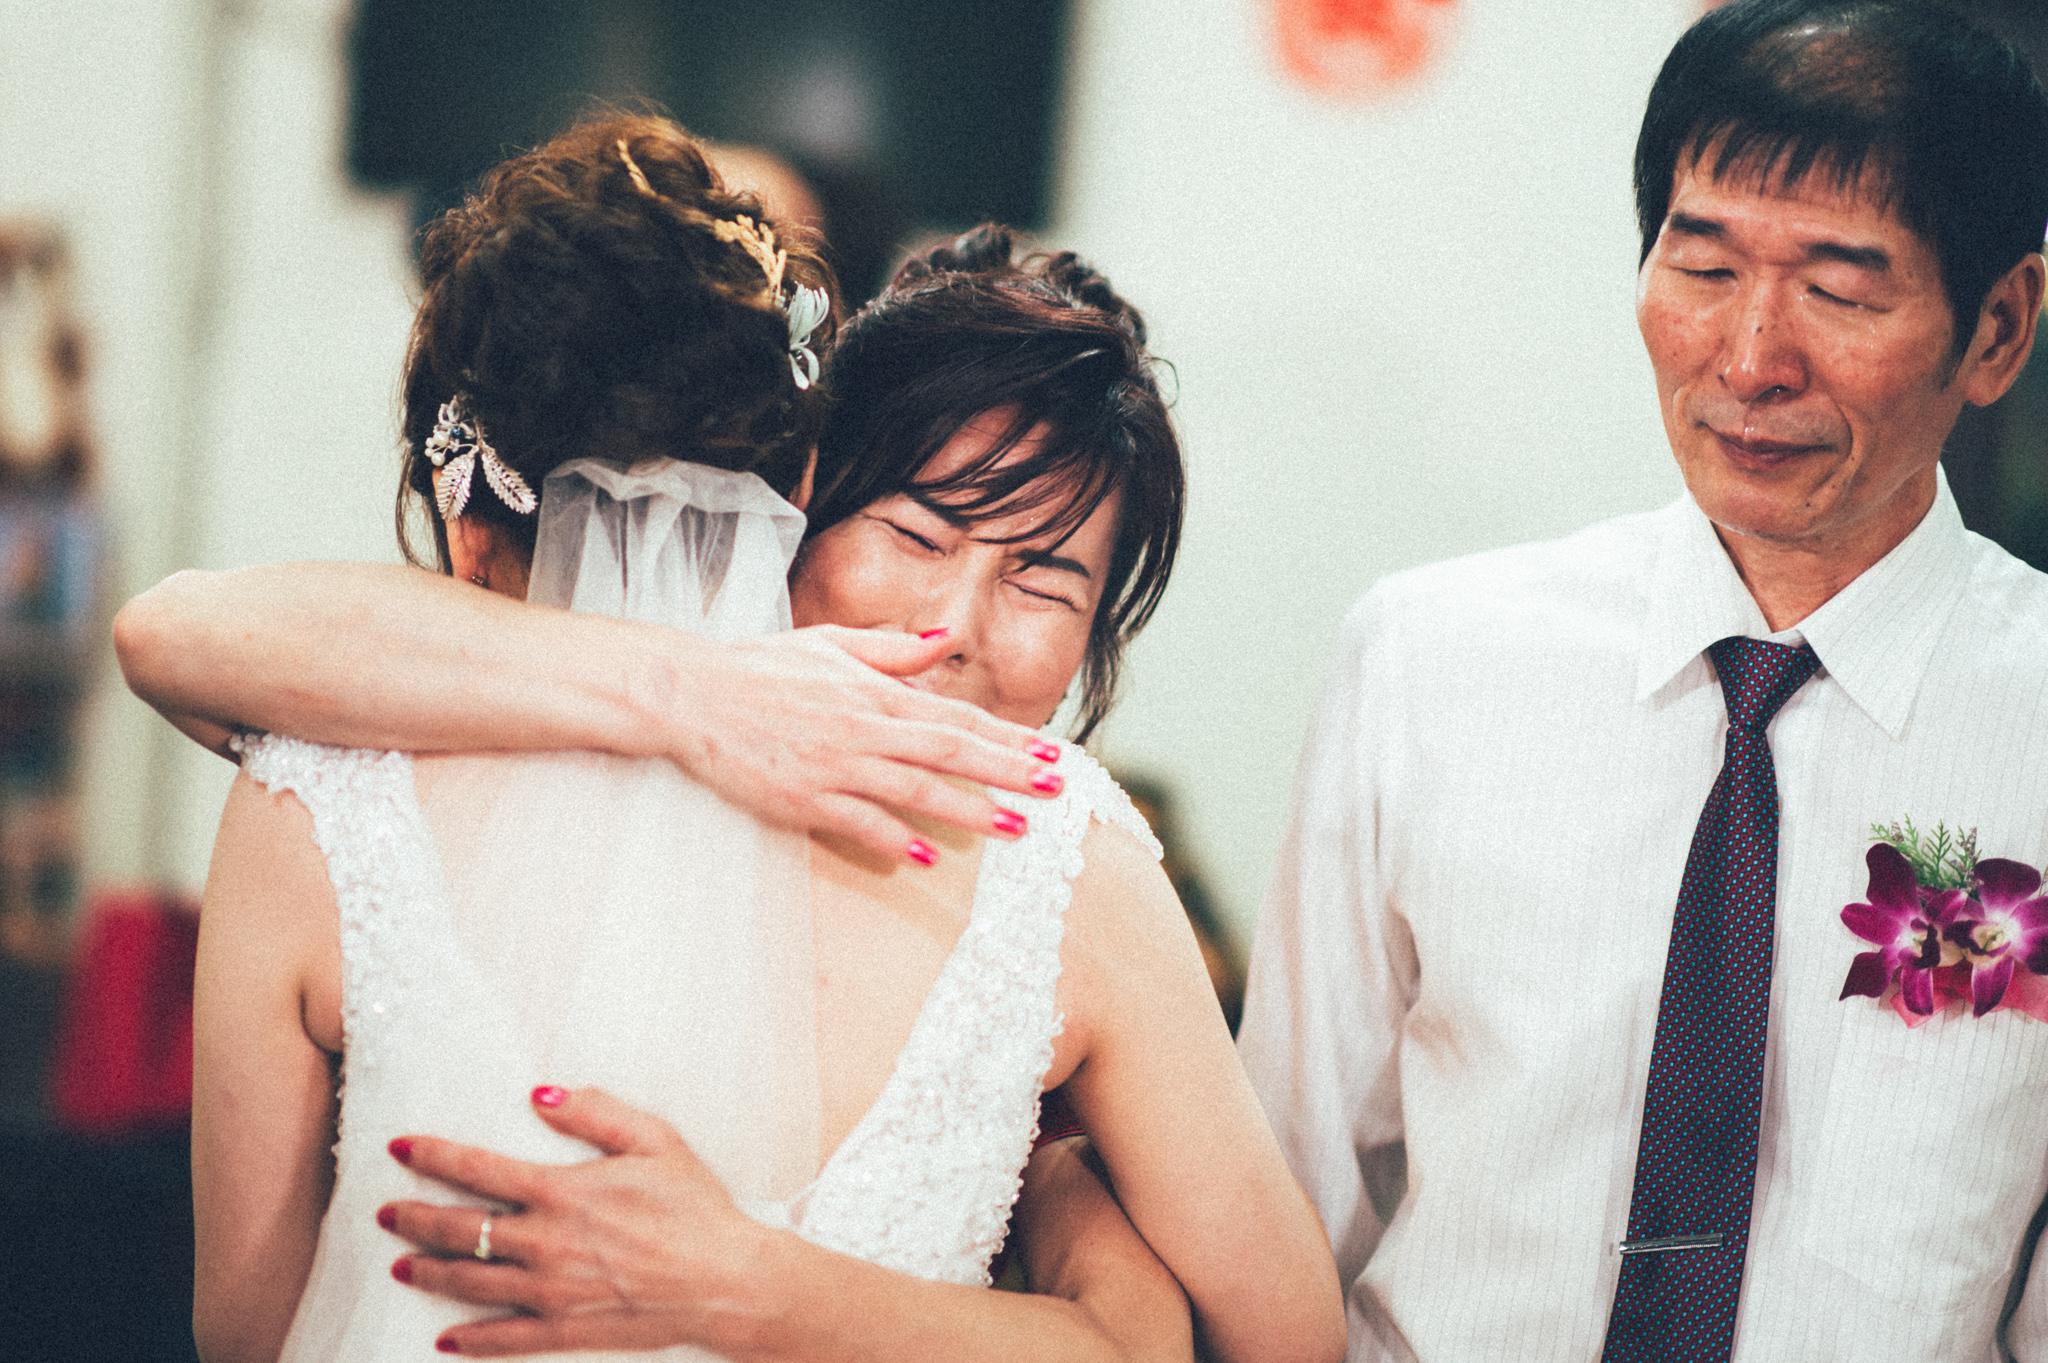 雲林婚攝 俊緯+靜宜 阿添鵝肉 永茂婚宴會館